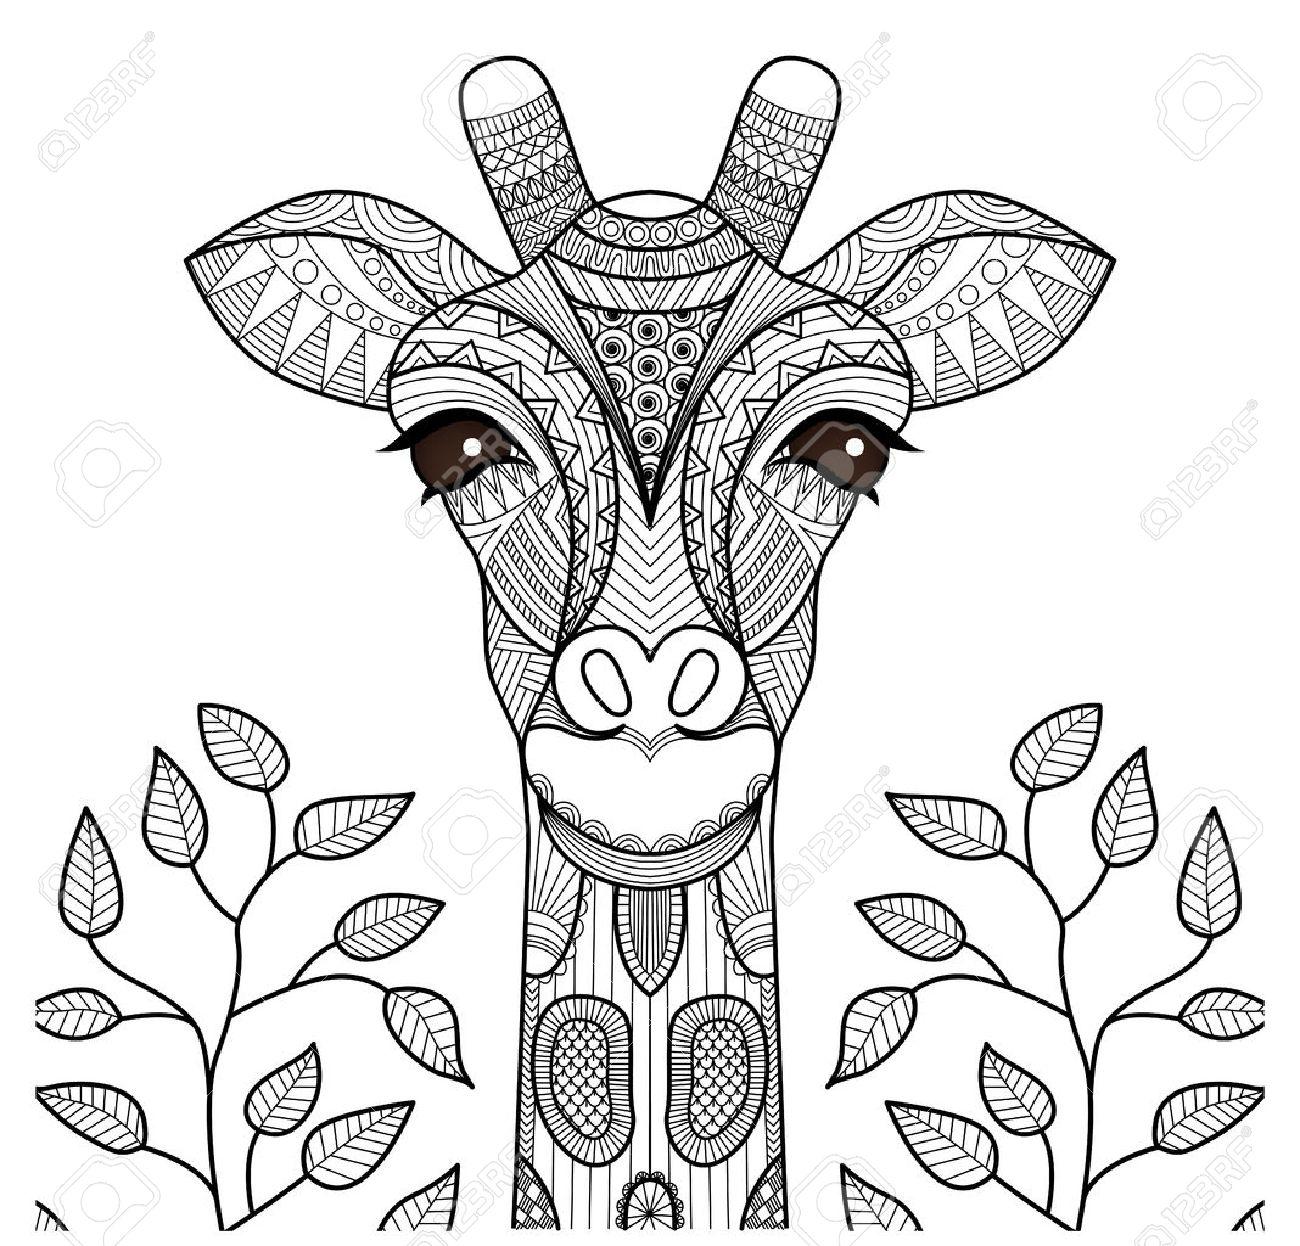 Zentangle Giraffe Kopf Für Malvorlagen, Shirt-Design Und So Weiter ...